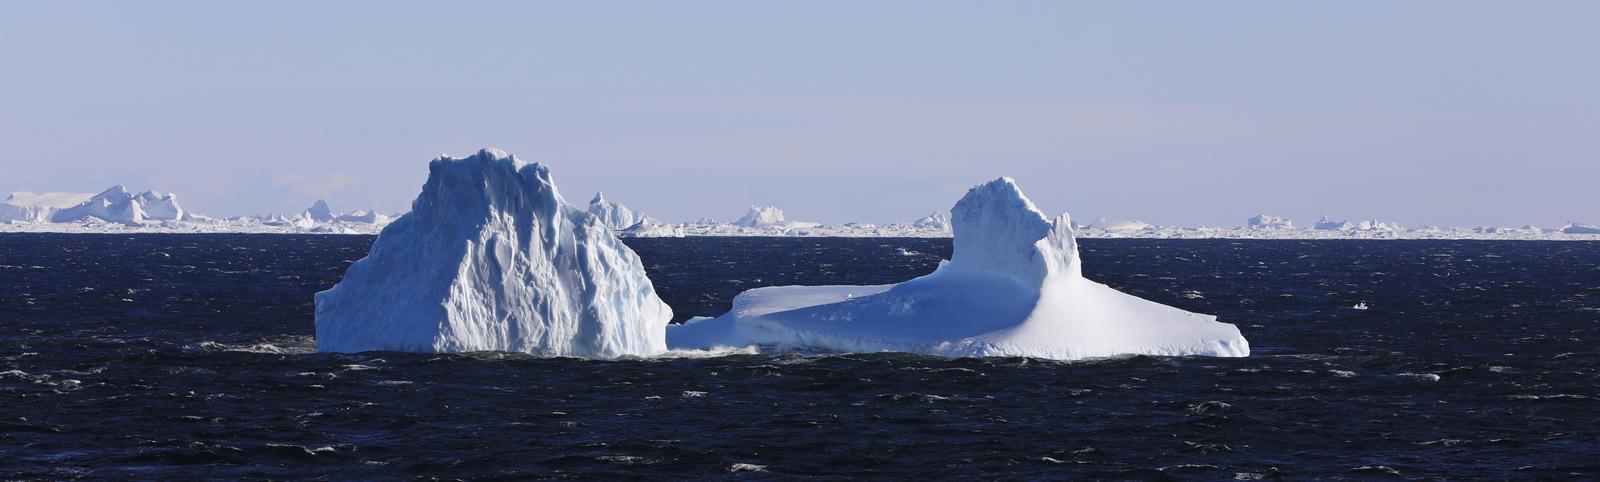 1702_Antarctique_02440_c1_sm.jpg